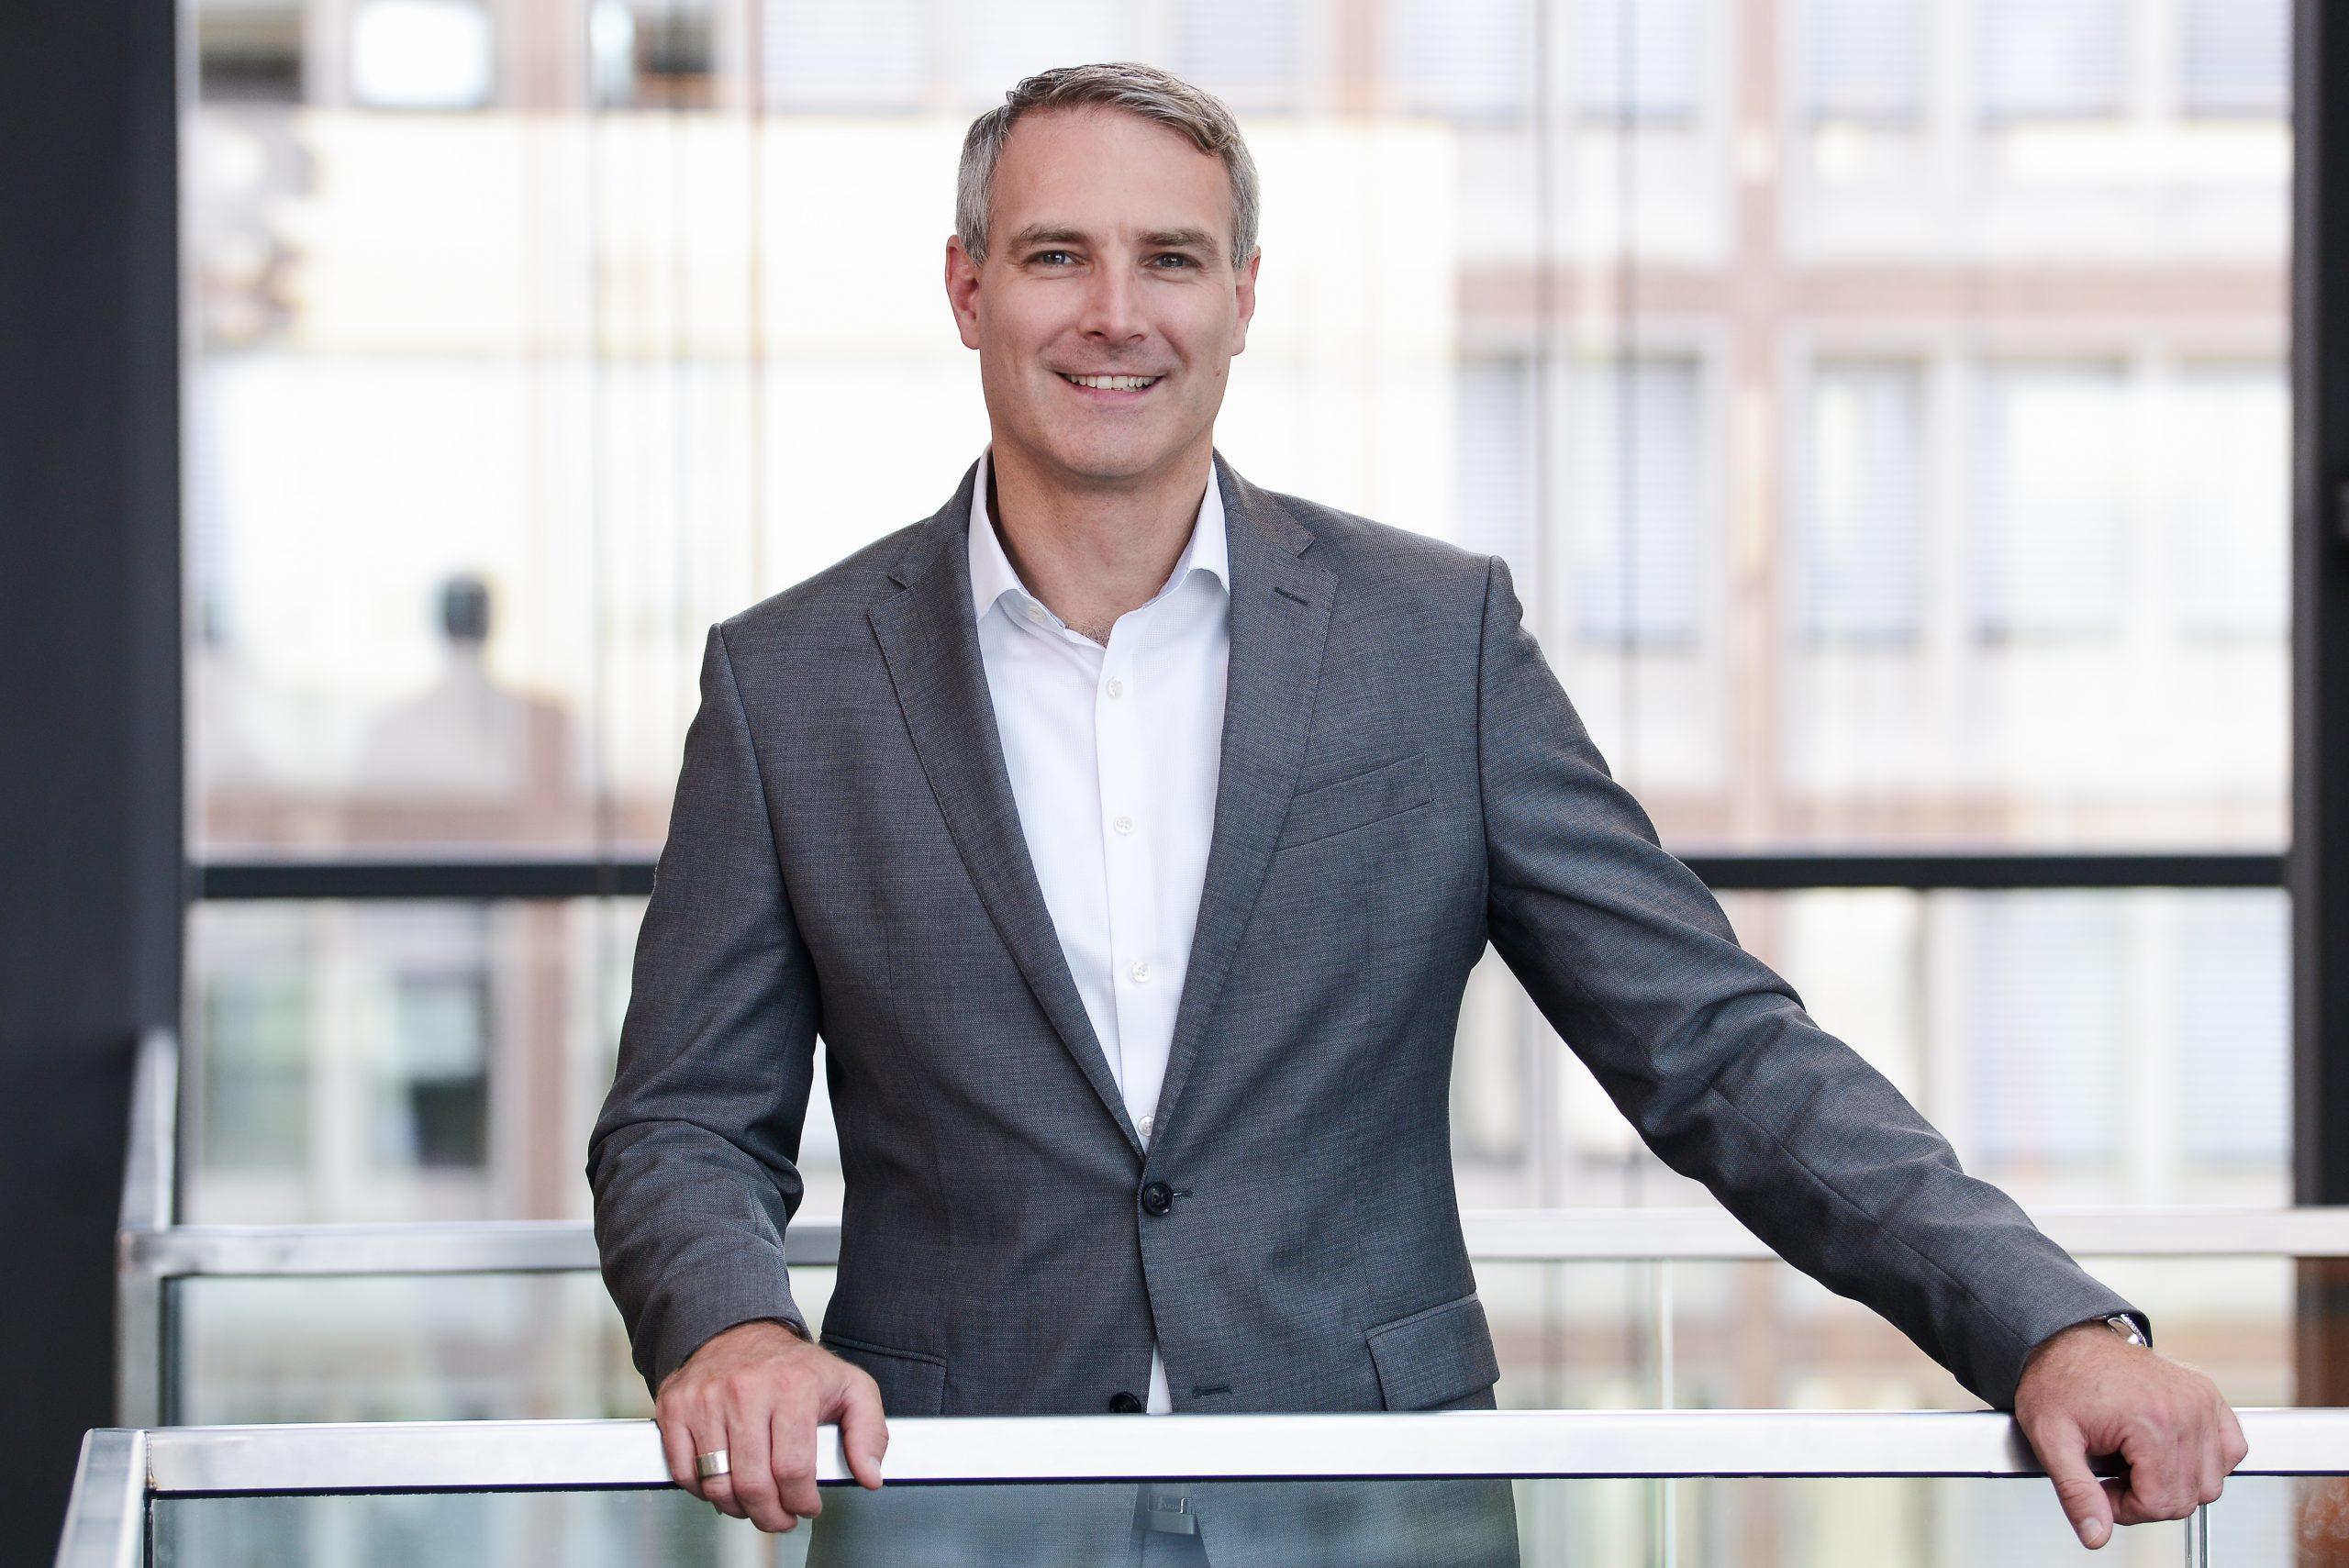 Wie baut man einen Unternehmens-Newsroom? Interview mit Grischa Brower-Rabinowitsch – Leiter externe Kommunikation und Themenmanagement R+V Versicherung